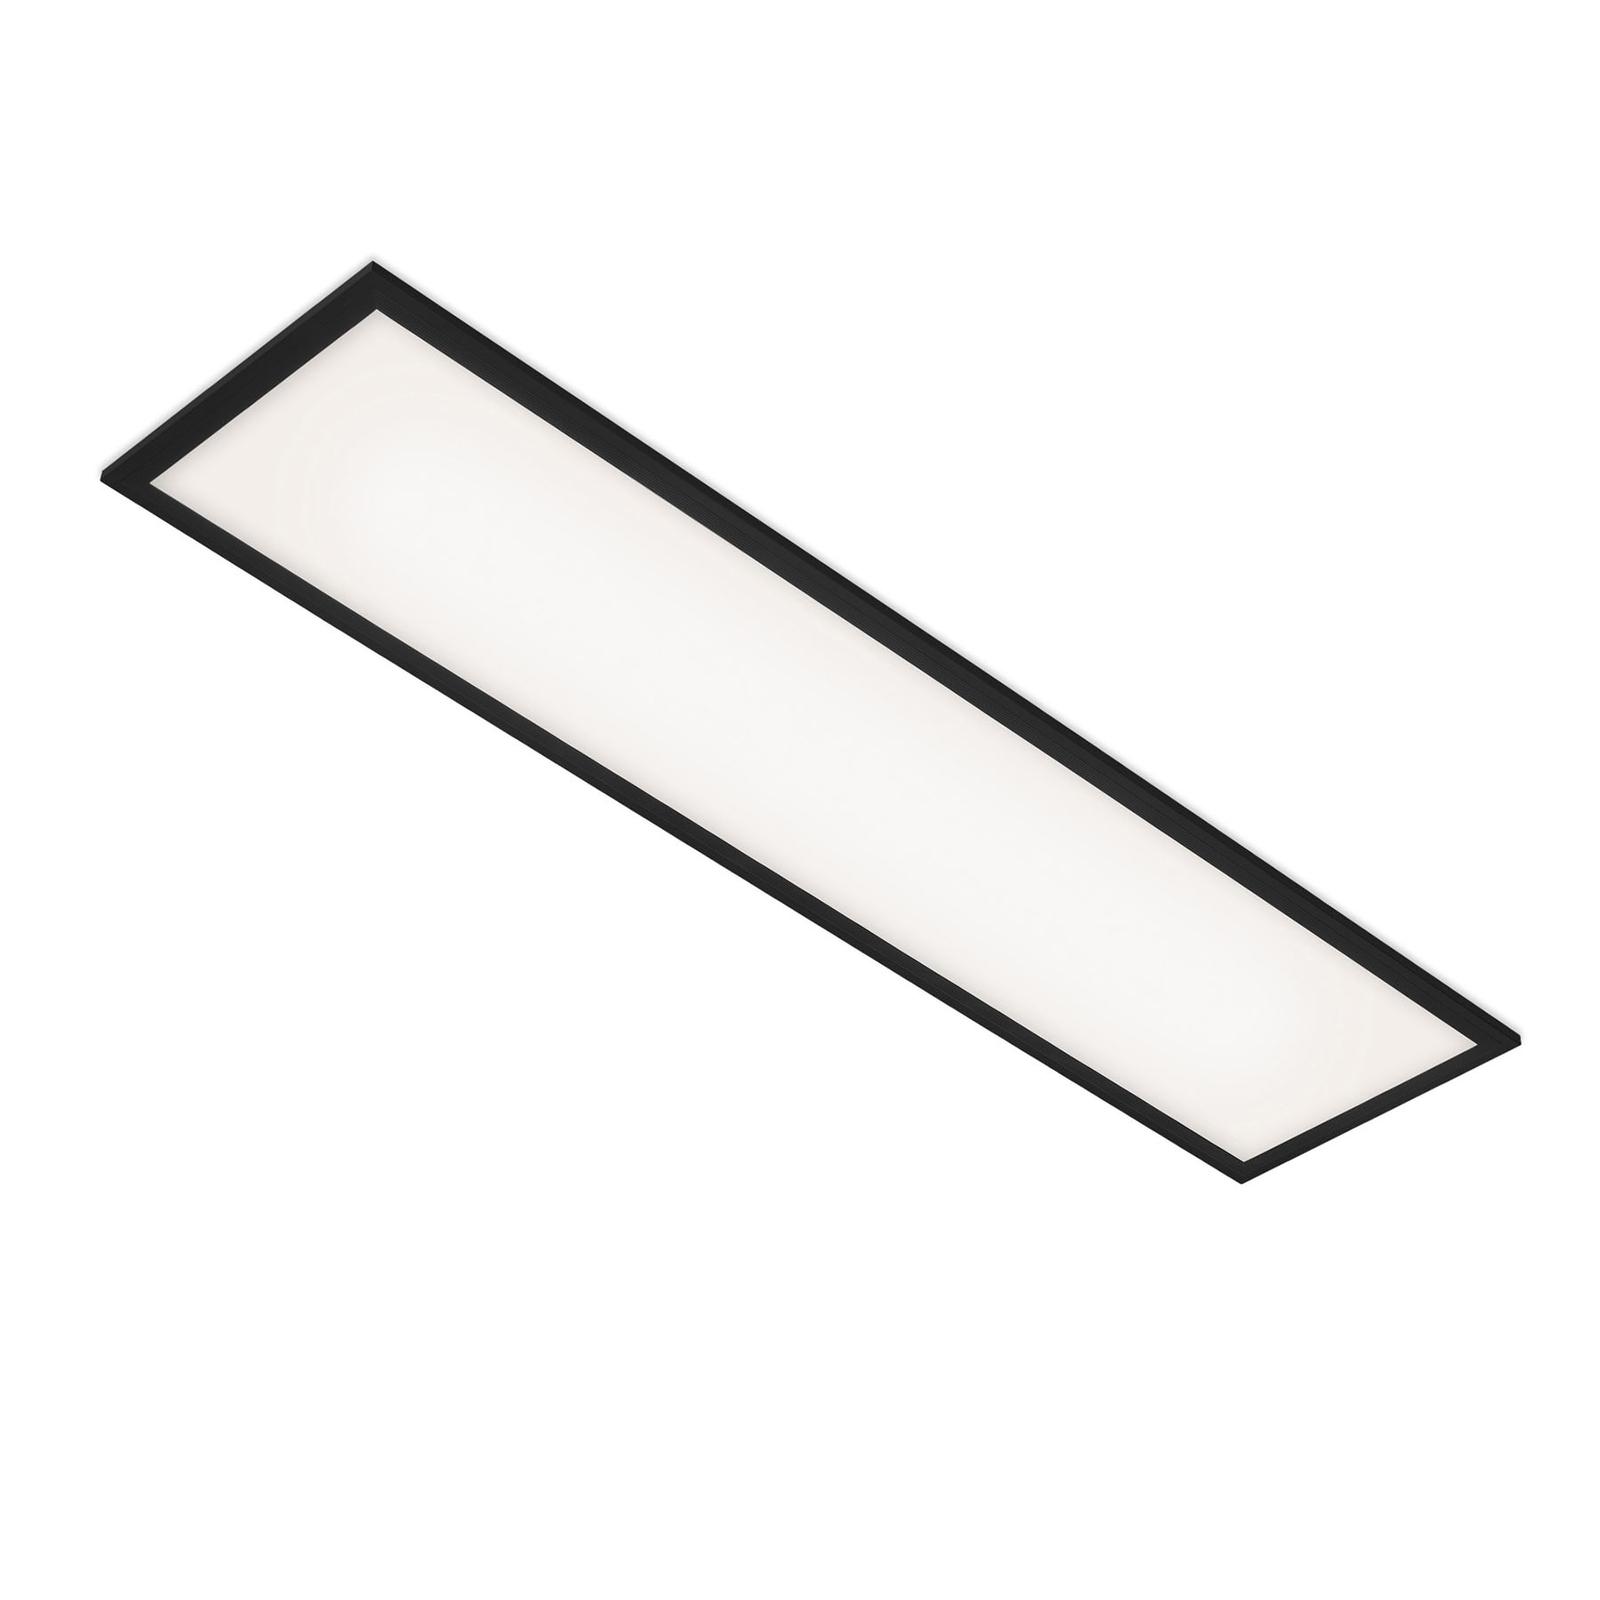 LED-Panel Piatto CCT mit Fernbedienung, rechteckig